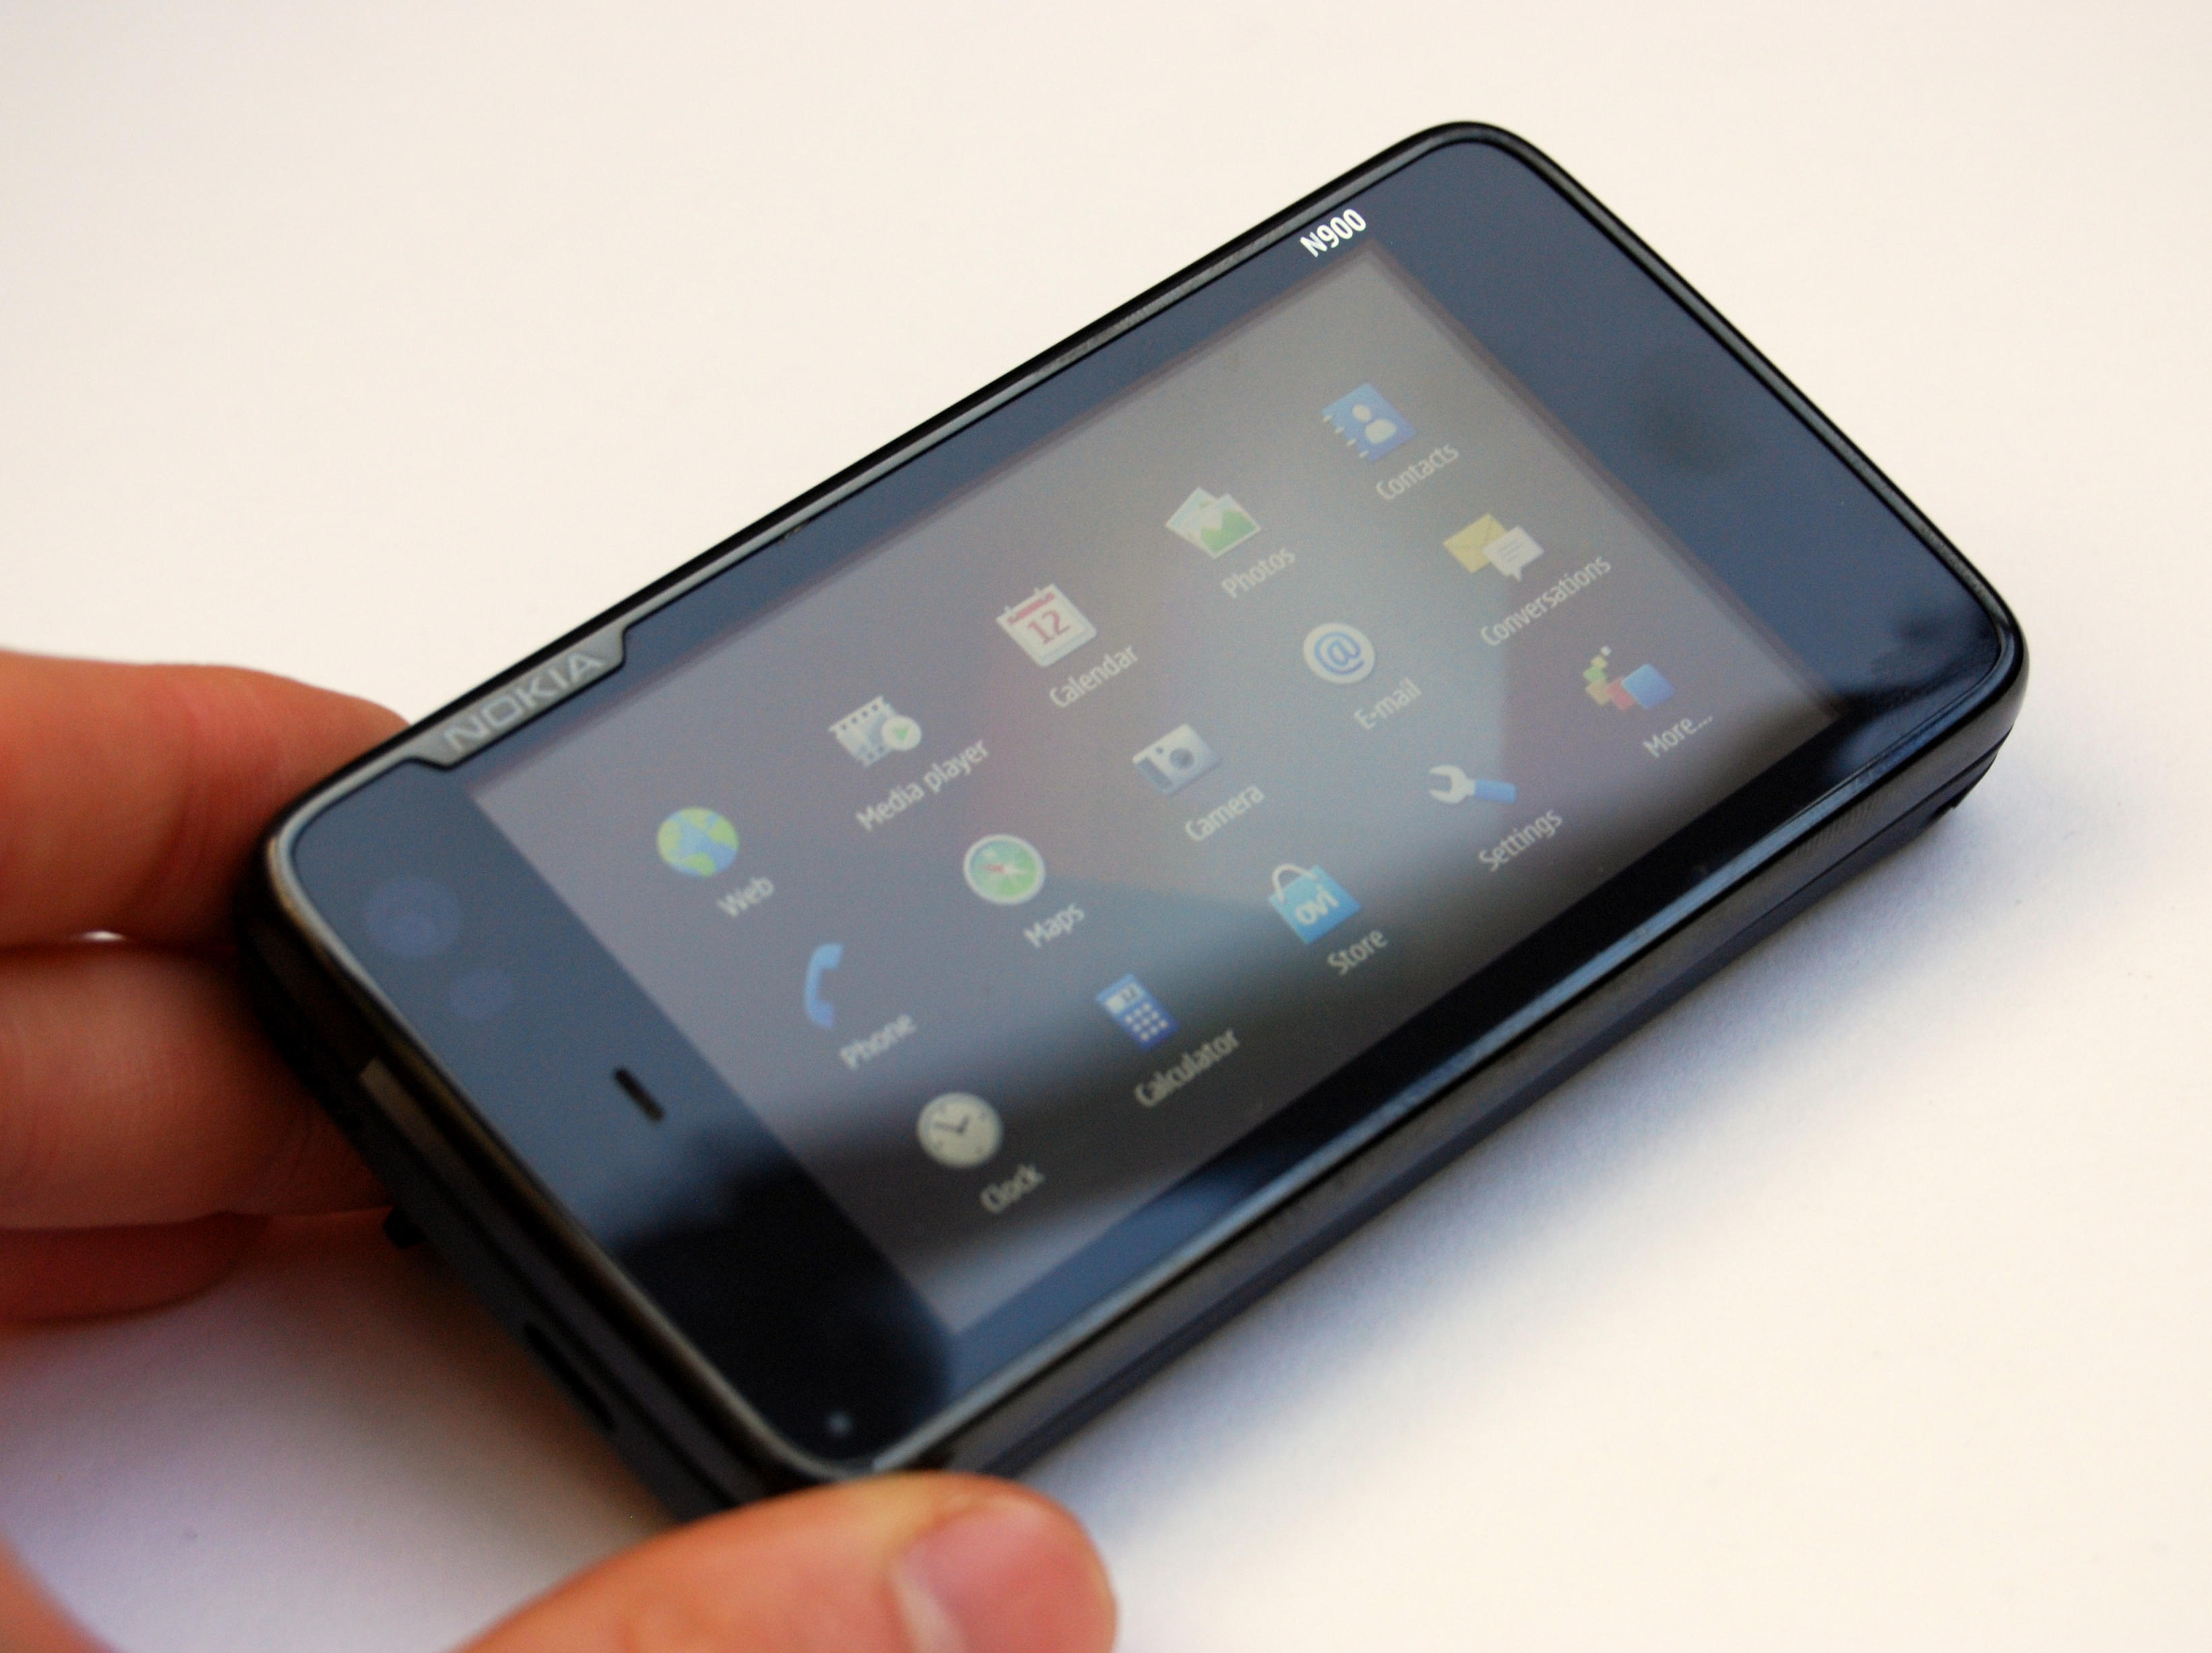 Nokia N900 Hard Reset